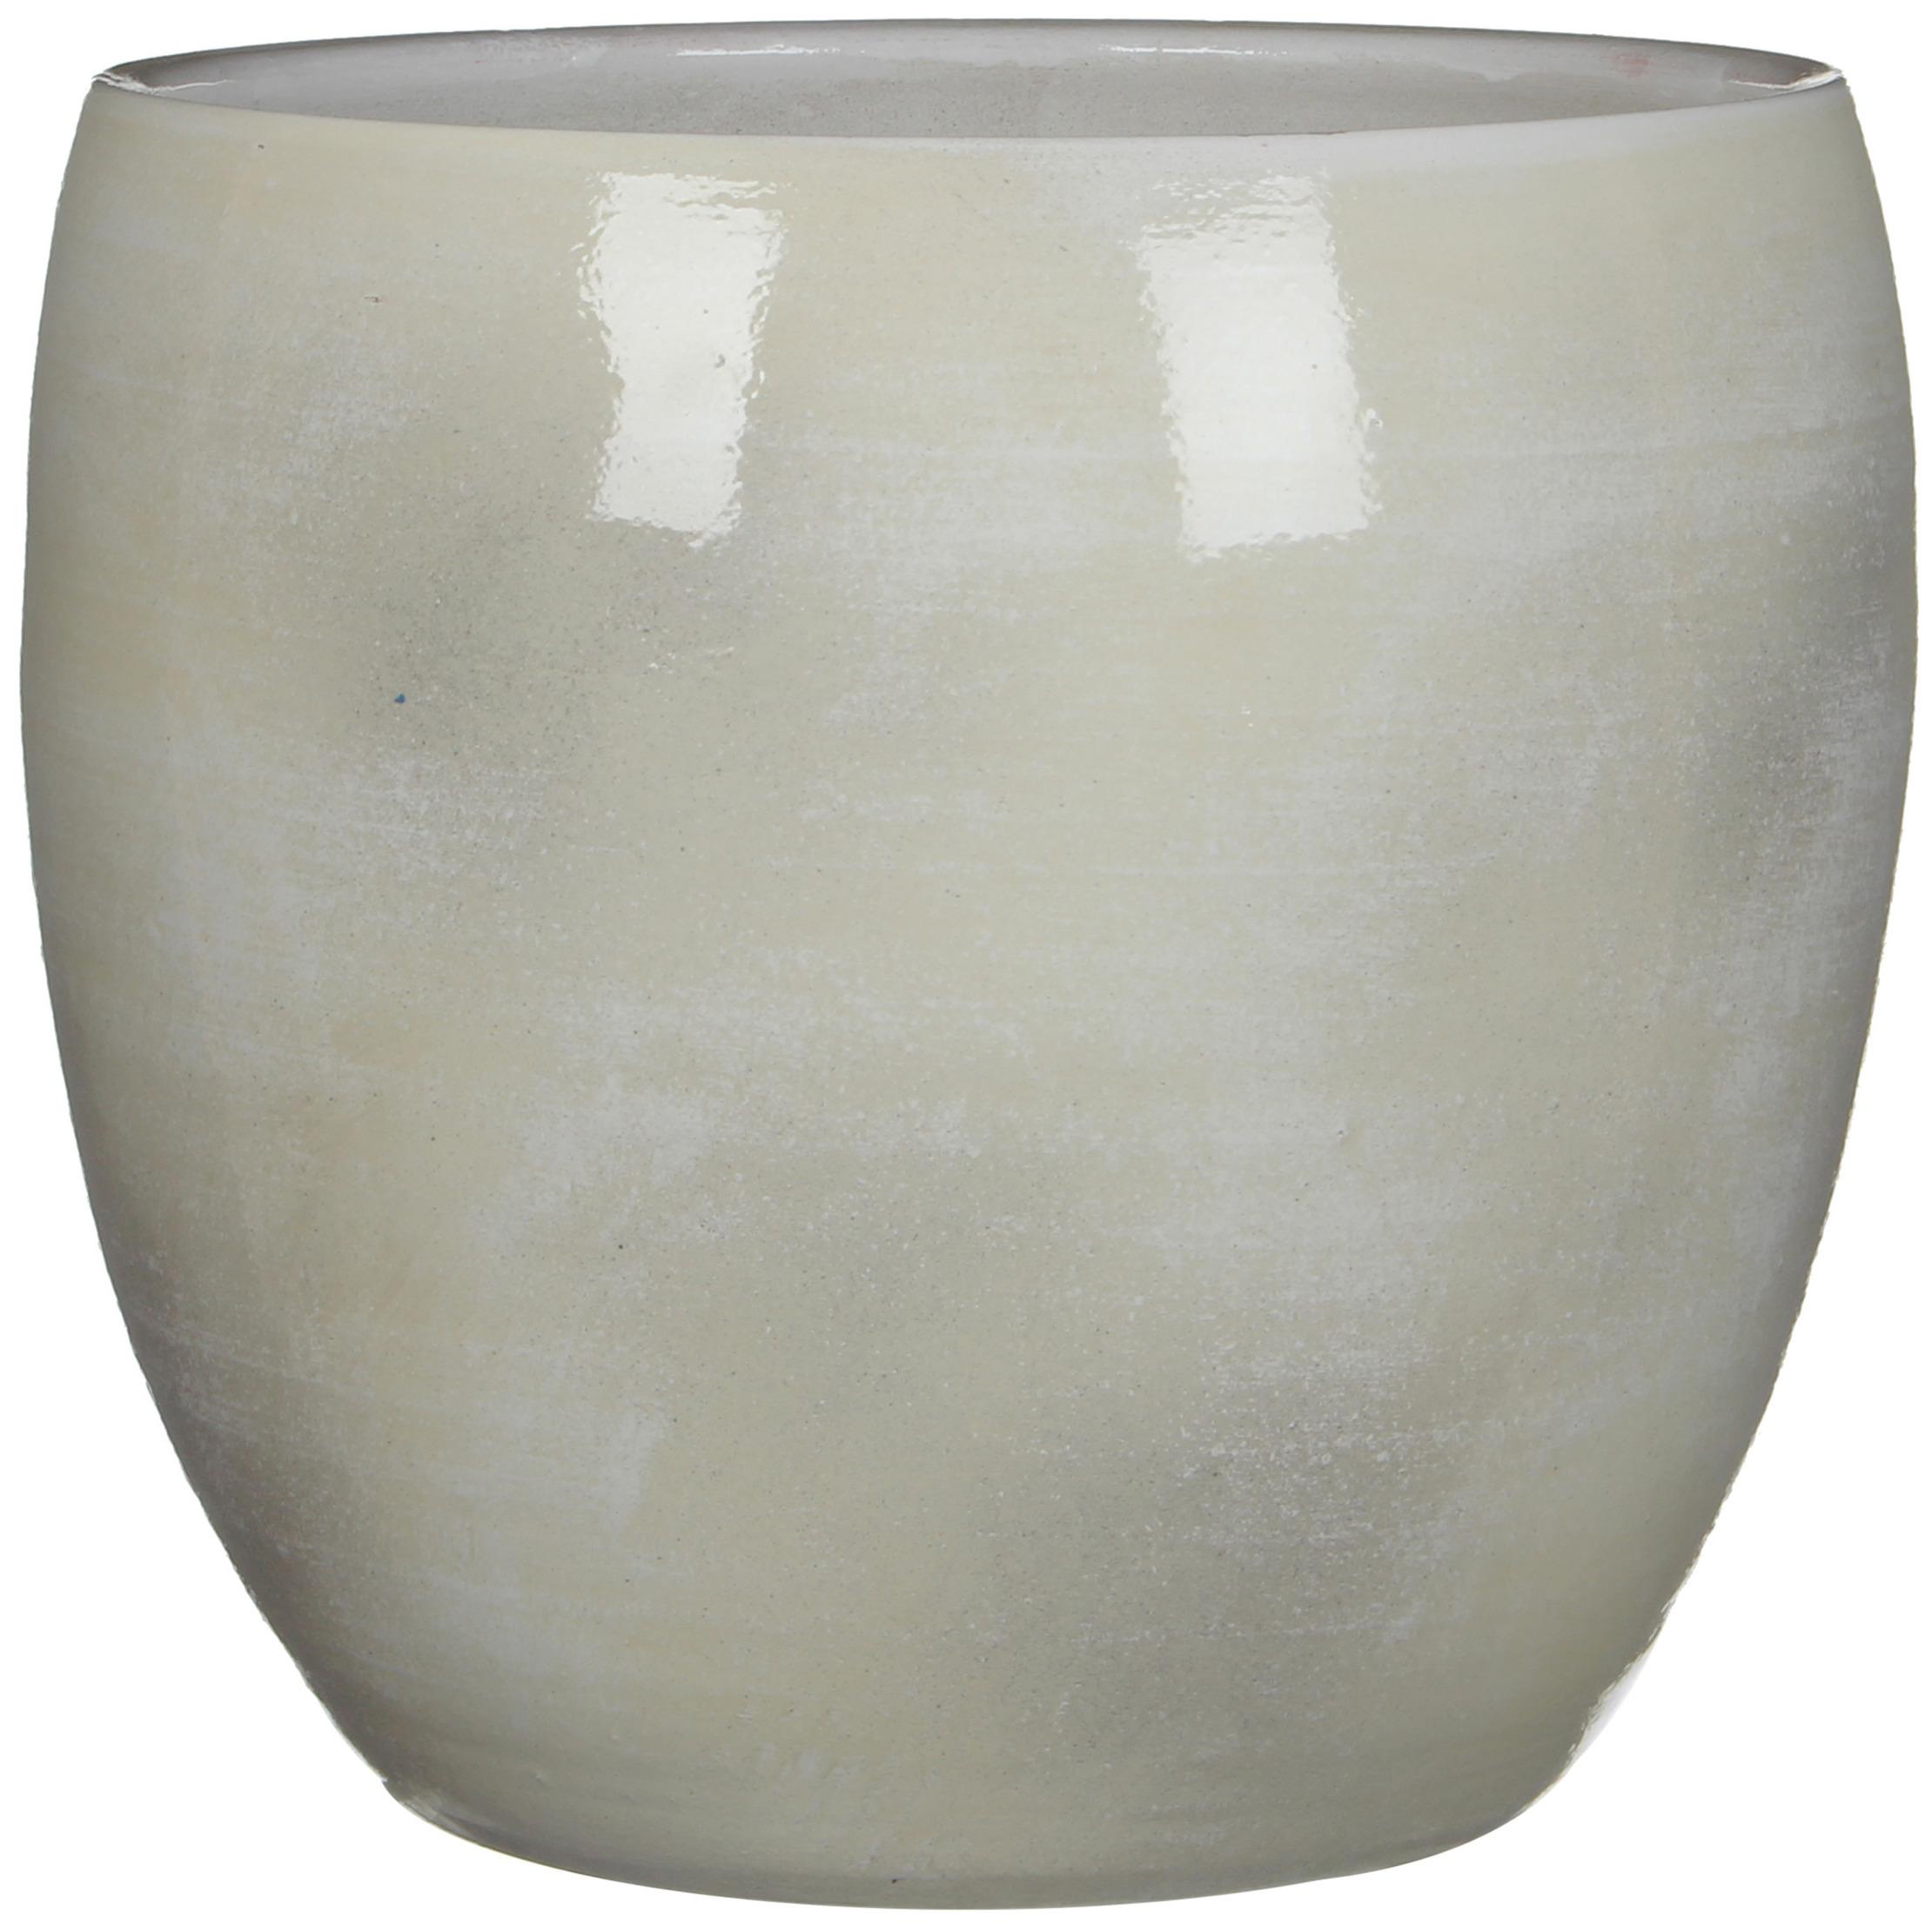 Bloempot in het shiny lightgrey stone keramiek voor kamerplant H31 x D33 cm -